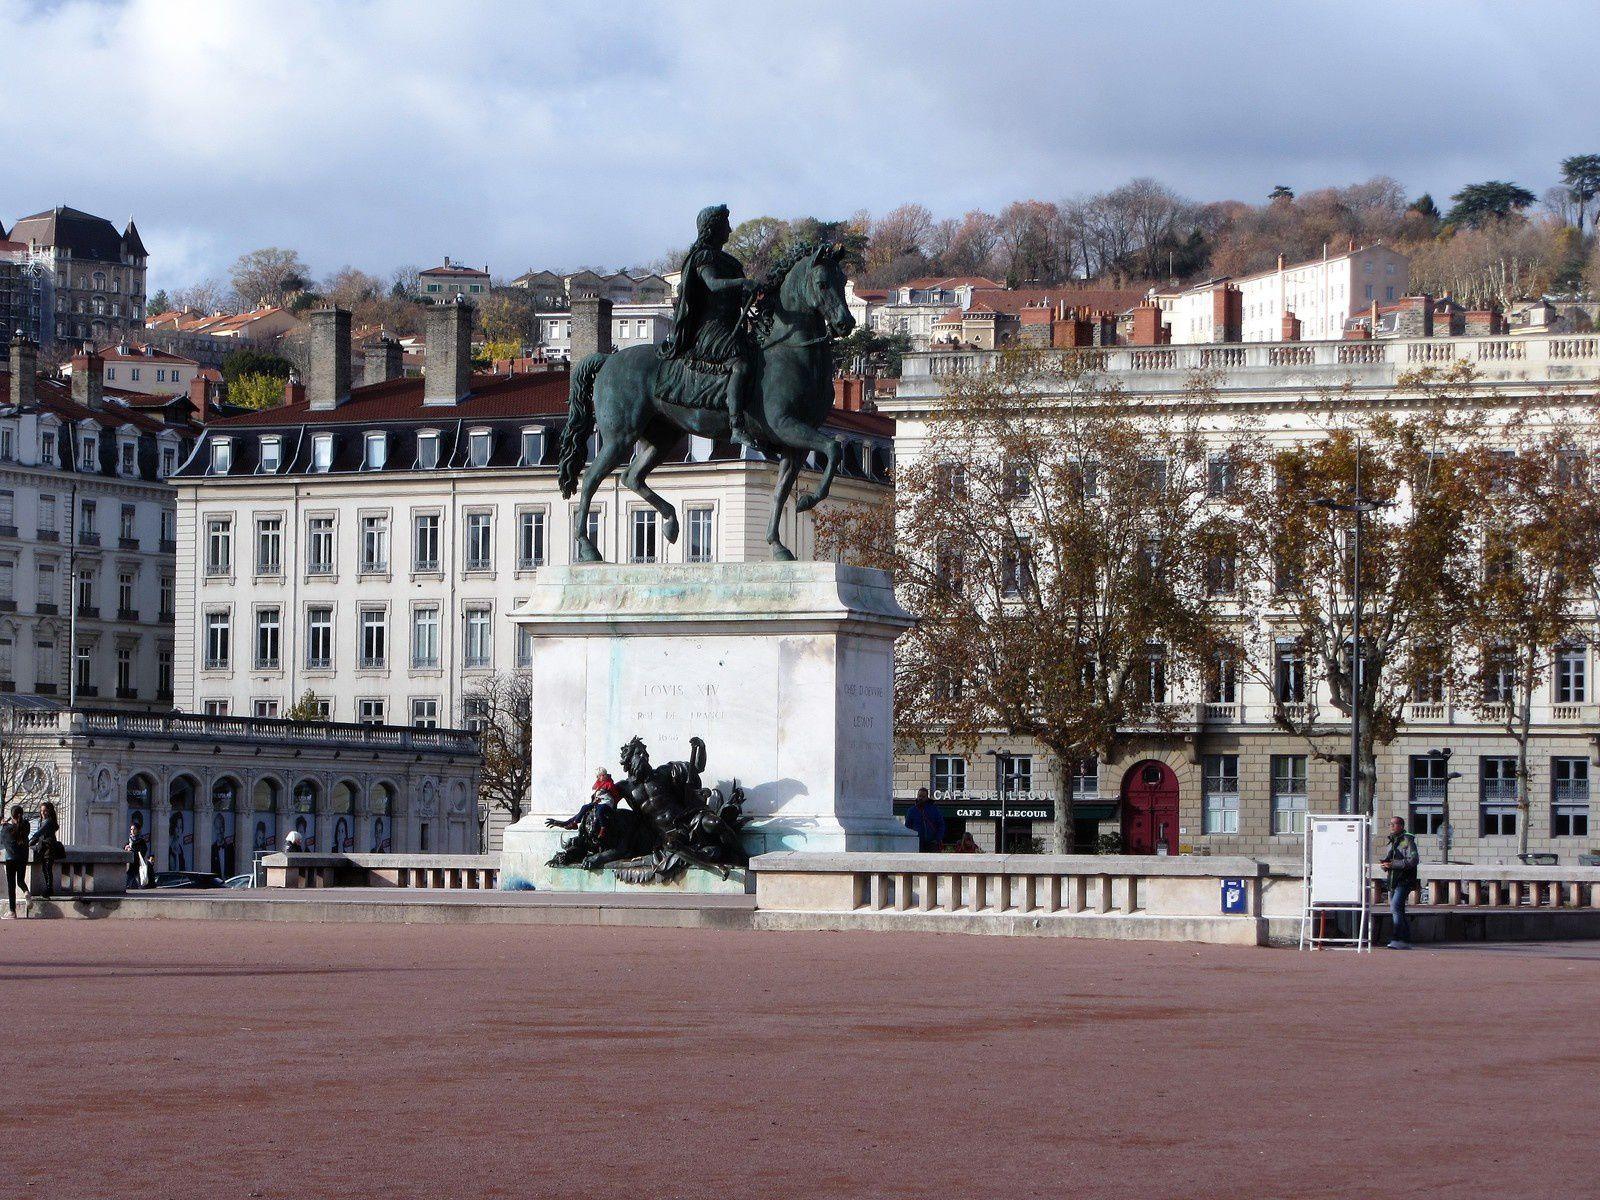 De part et d'autre du piédestal de la célébre statue équestre de Louis 14 se trouve les allégories du Rhône et de la Saône.Ici on aperçoit un vieillard barbu couronné et allongé sur un lion couché, il s'agit donc du Rhône